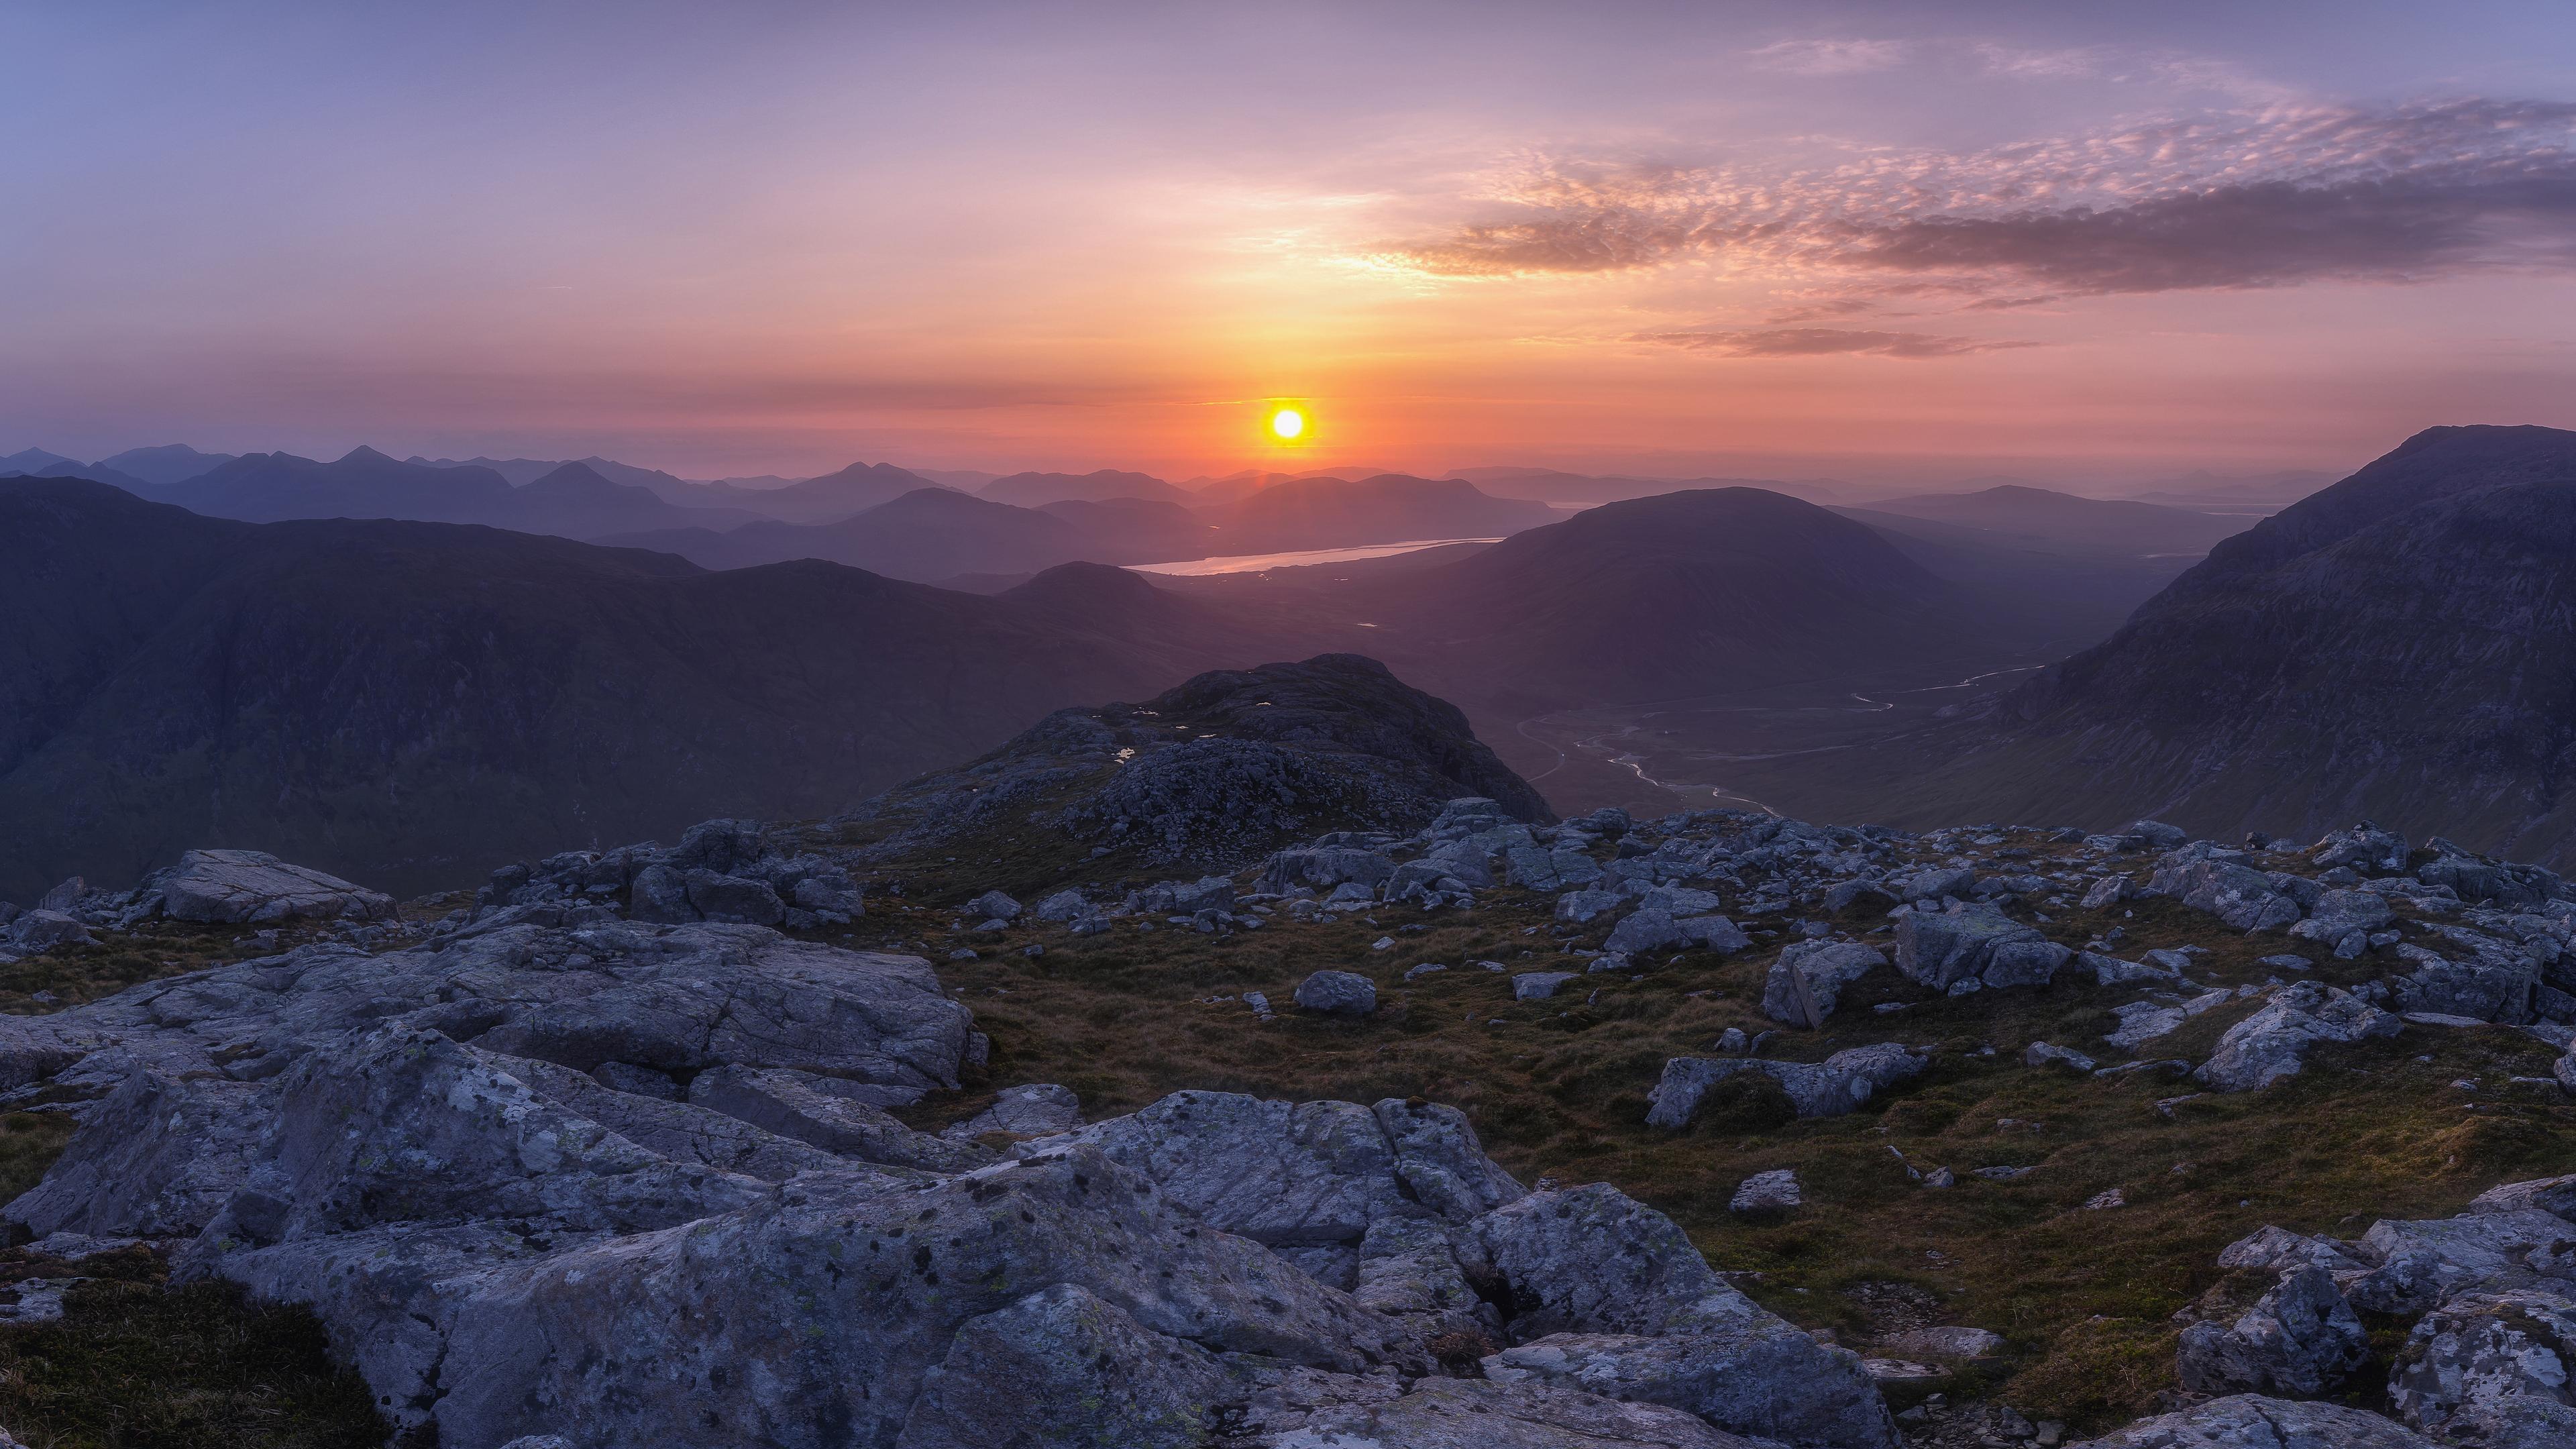 Розовый закат солнца в горах